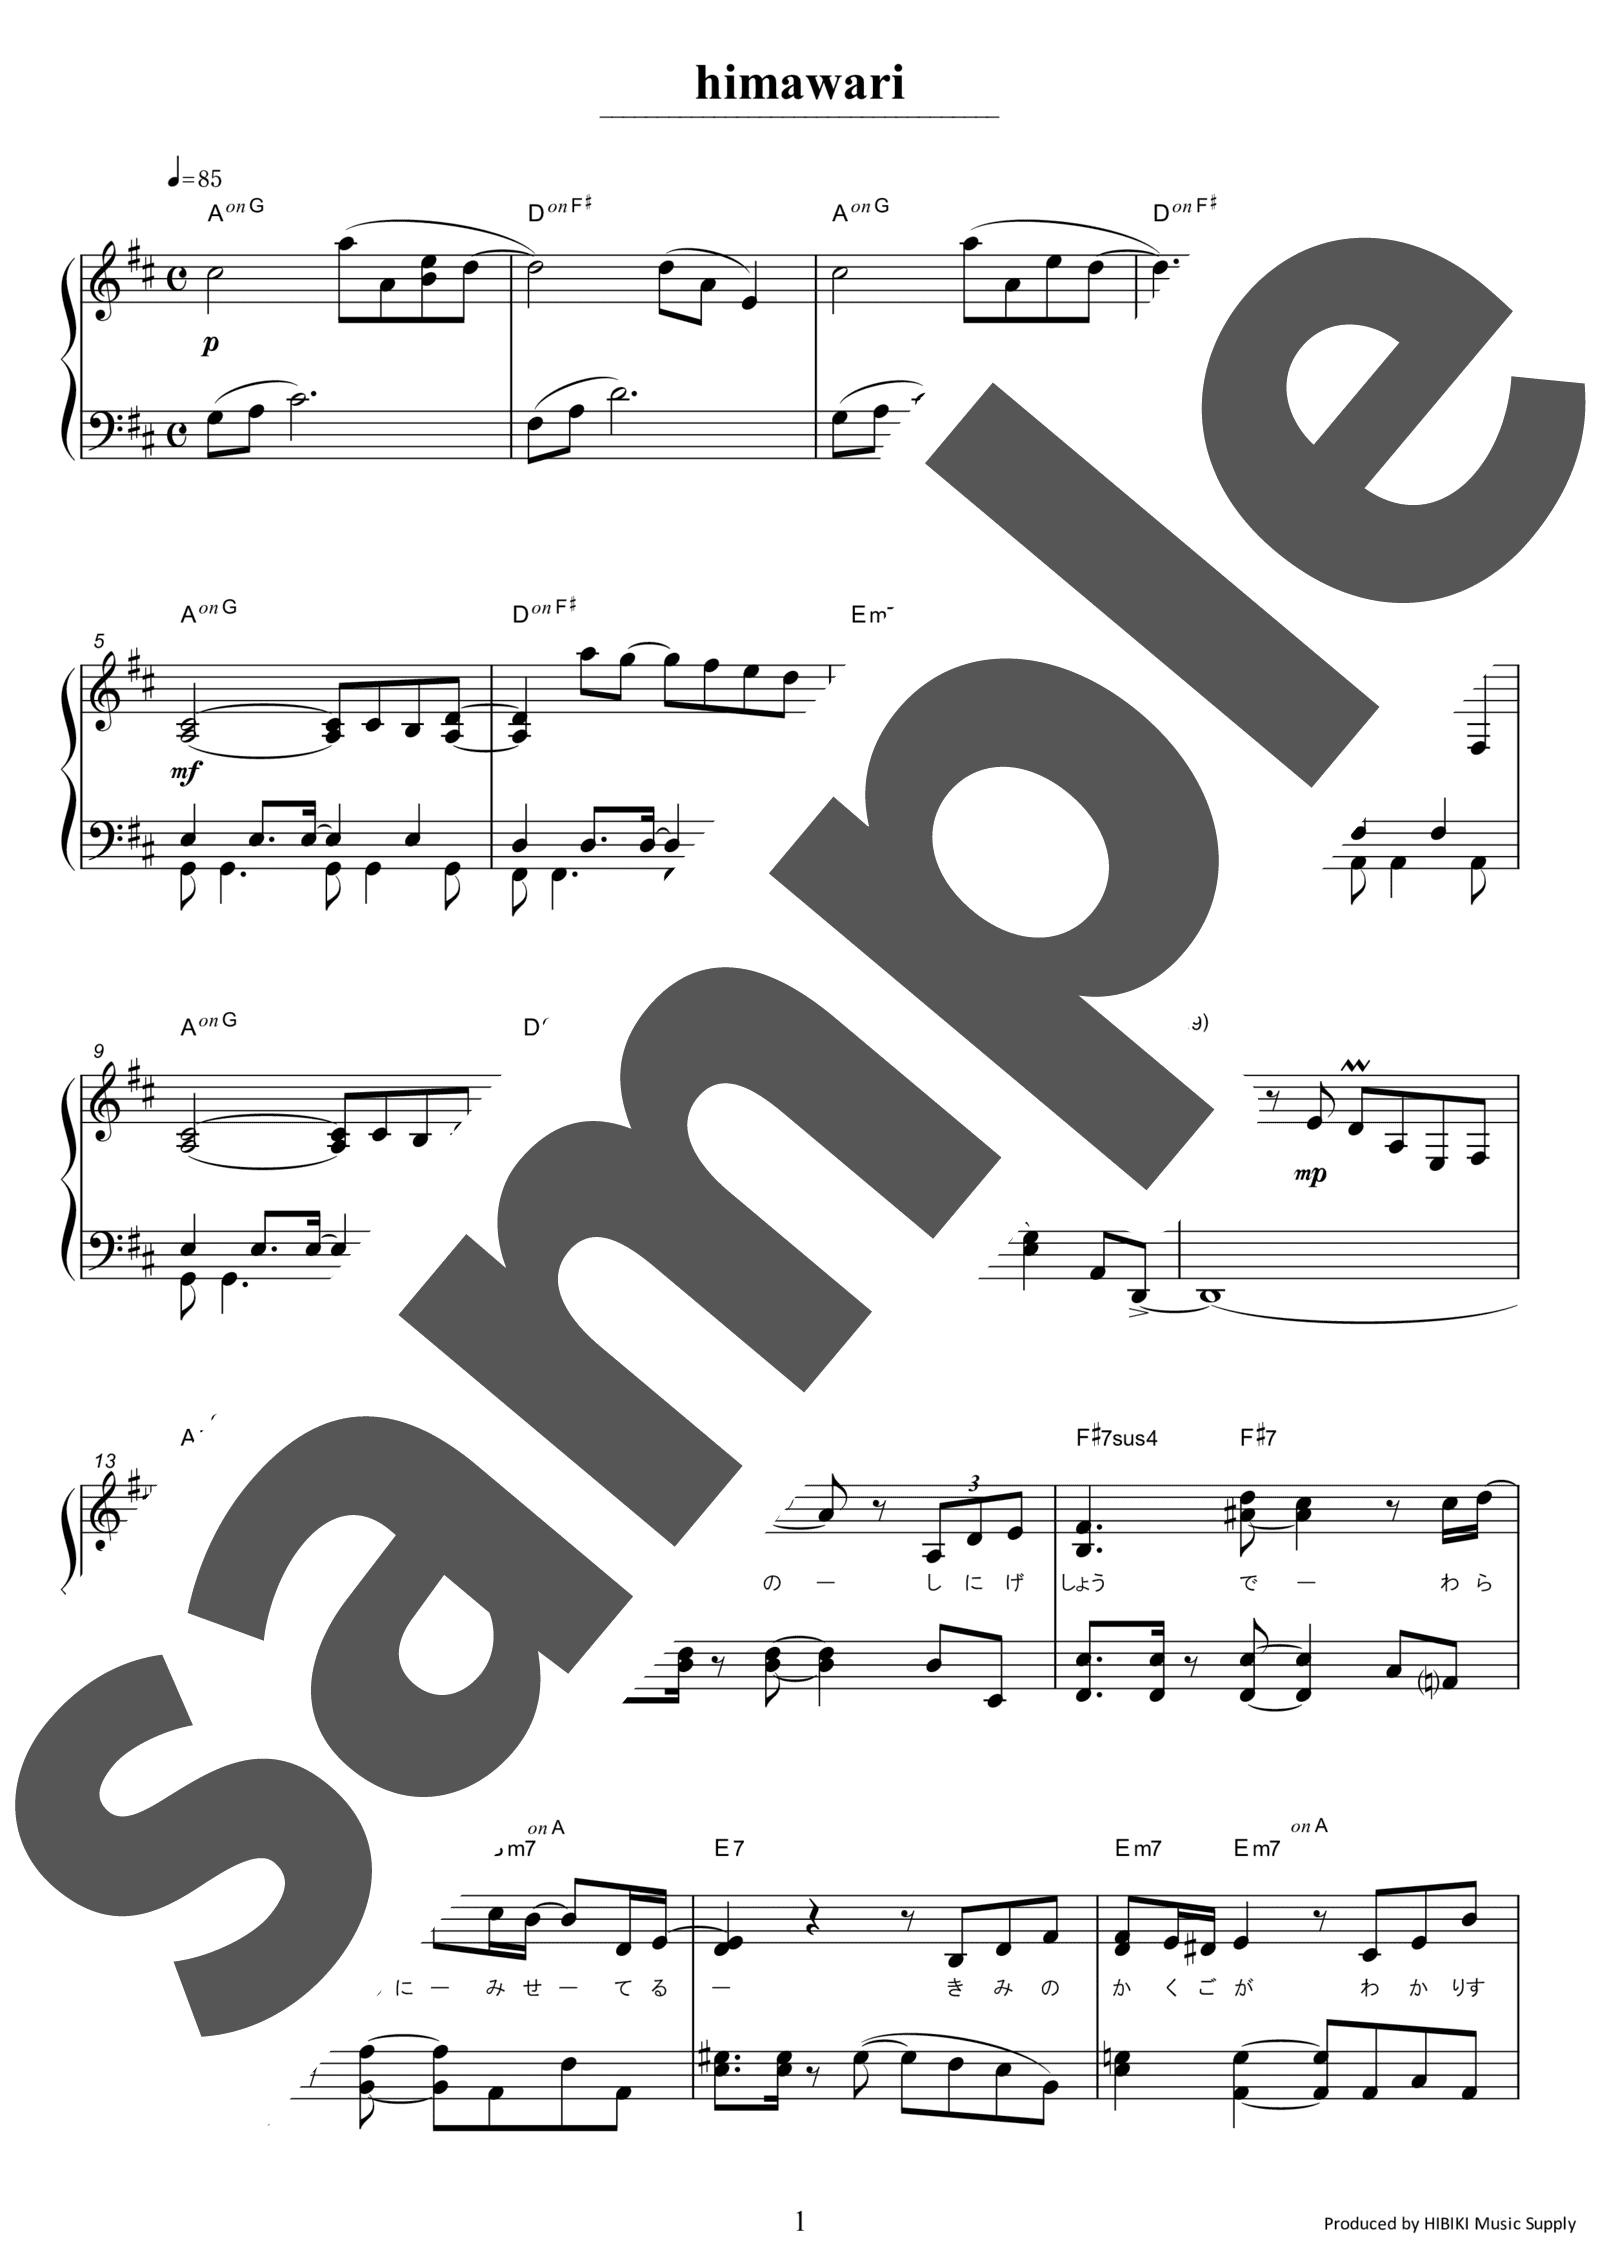 「himawari」のサンプル楽譜